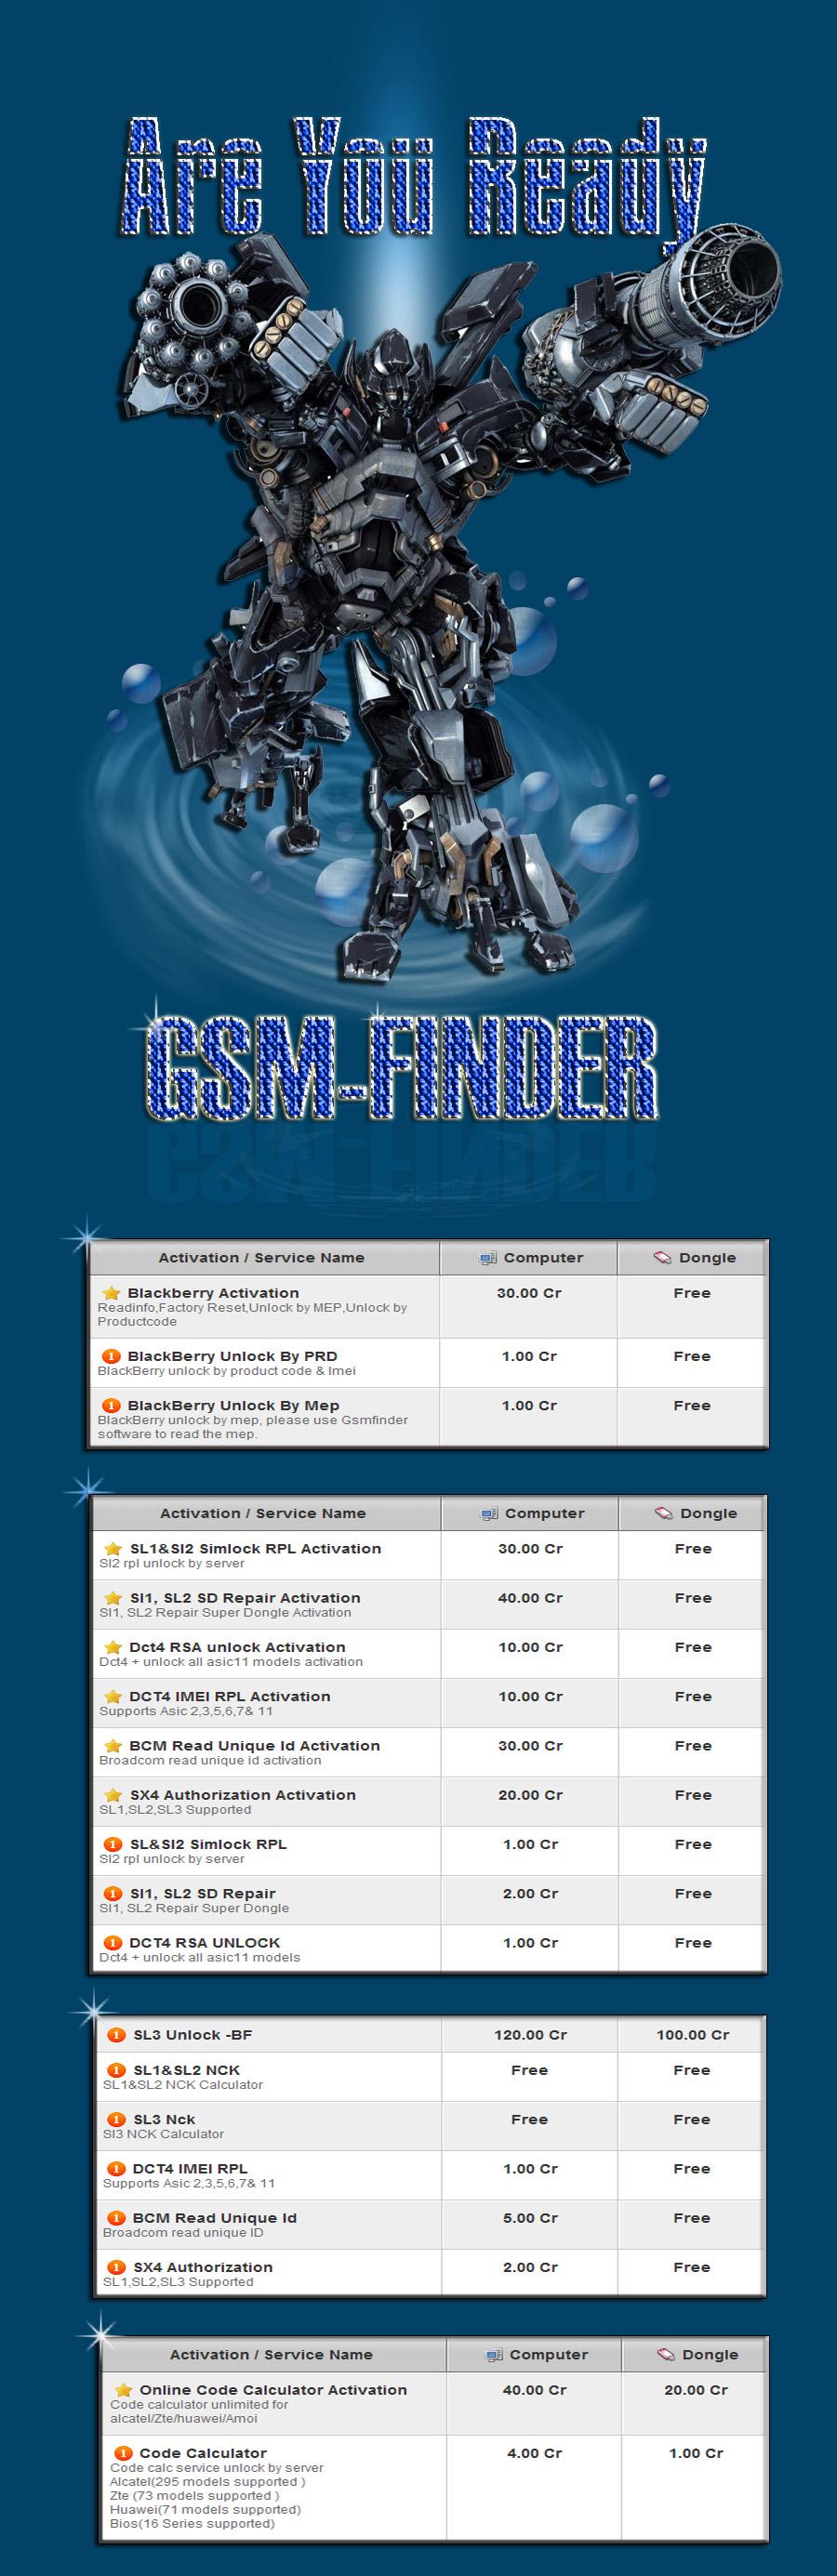 New :- GSM-FINDER Credit in GEM-FLASH.org